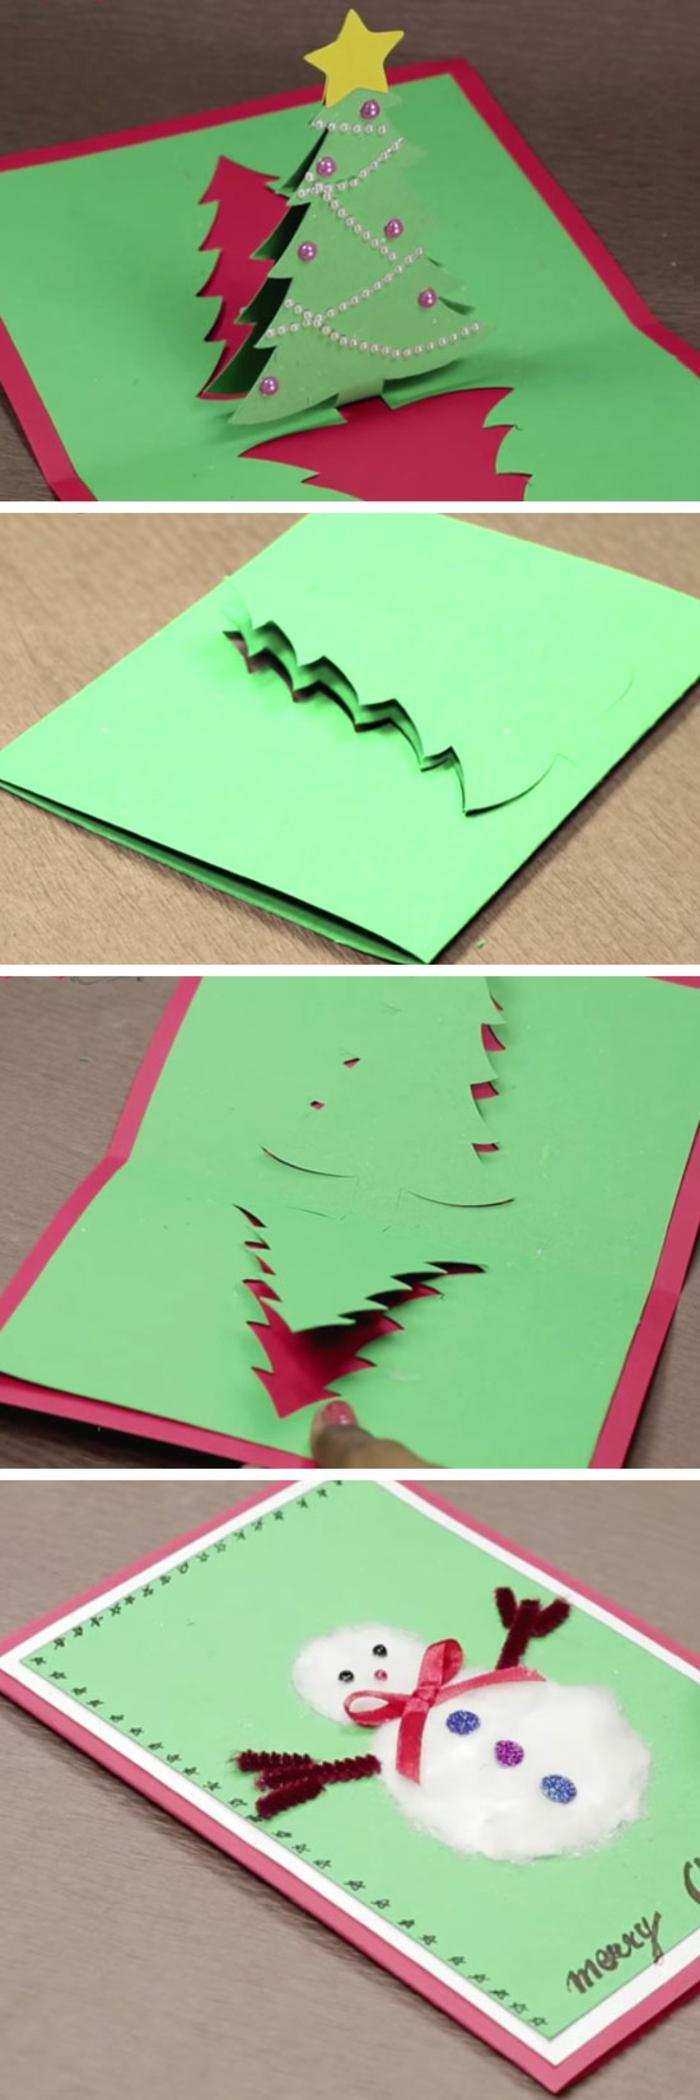 Weihnachtskarten gestalten, 3D Karten gestalten, eine rote Karte mit Tannenbaum